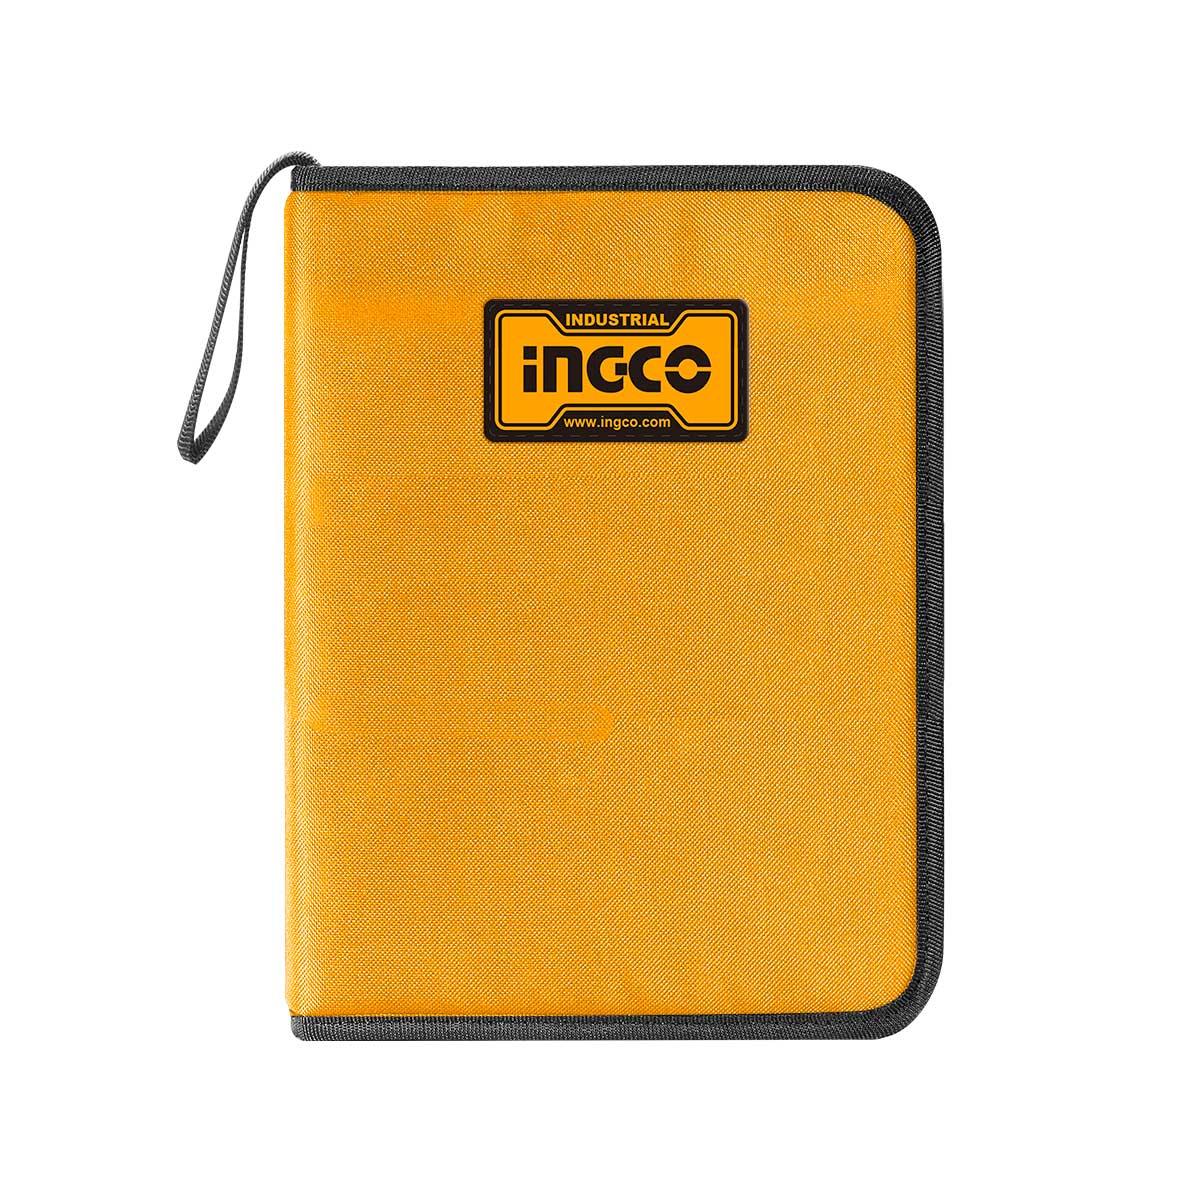 Κατσαβίδια ακριβείας ηλεκτρολόγου σετ 6τεμ. HKIPSD0601 INGCO